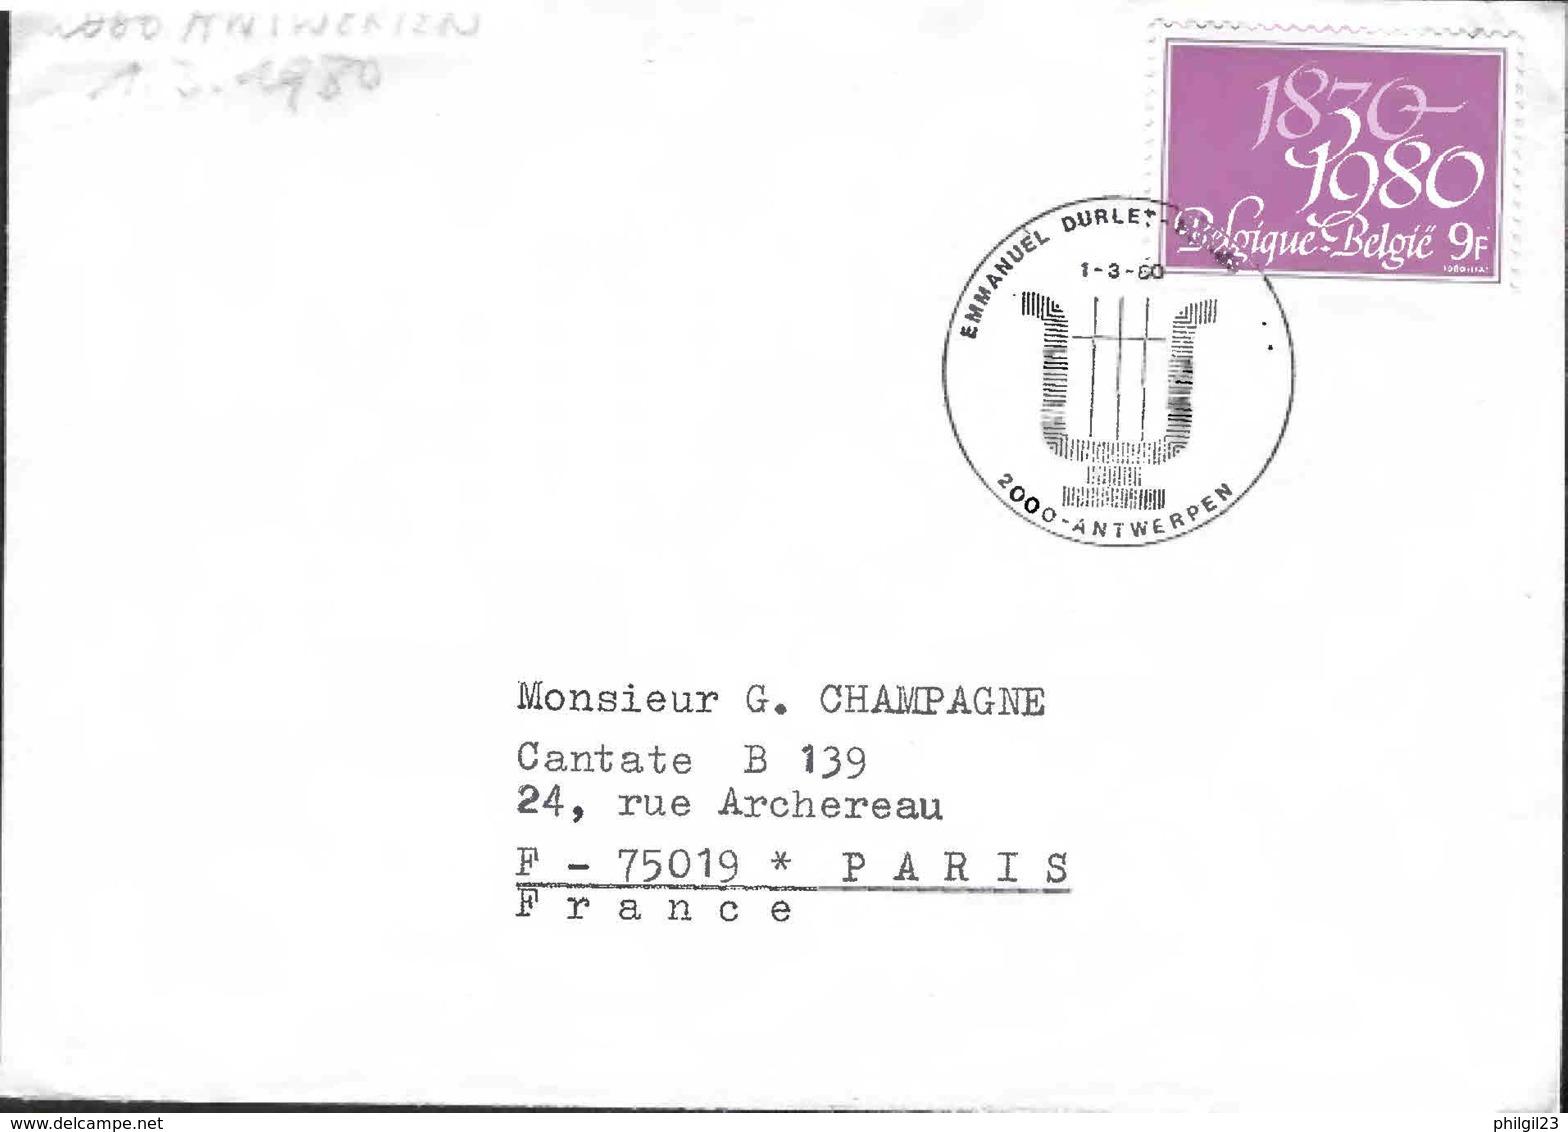 BELGIQUE -ANTWERPEN 1980 - EMMANUEL DURLET COMPOSER - Muziek